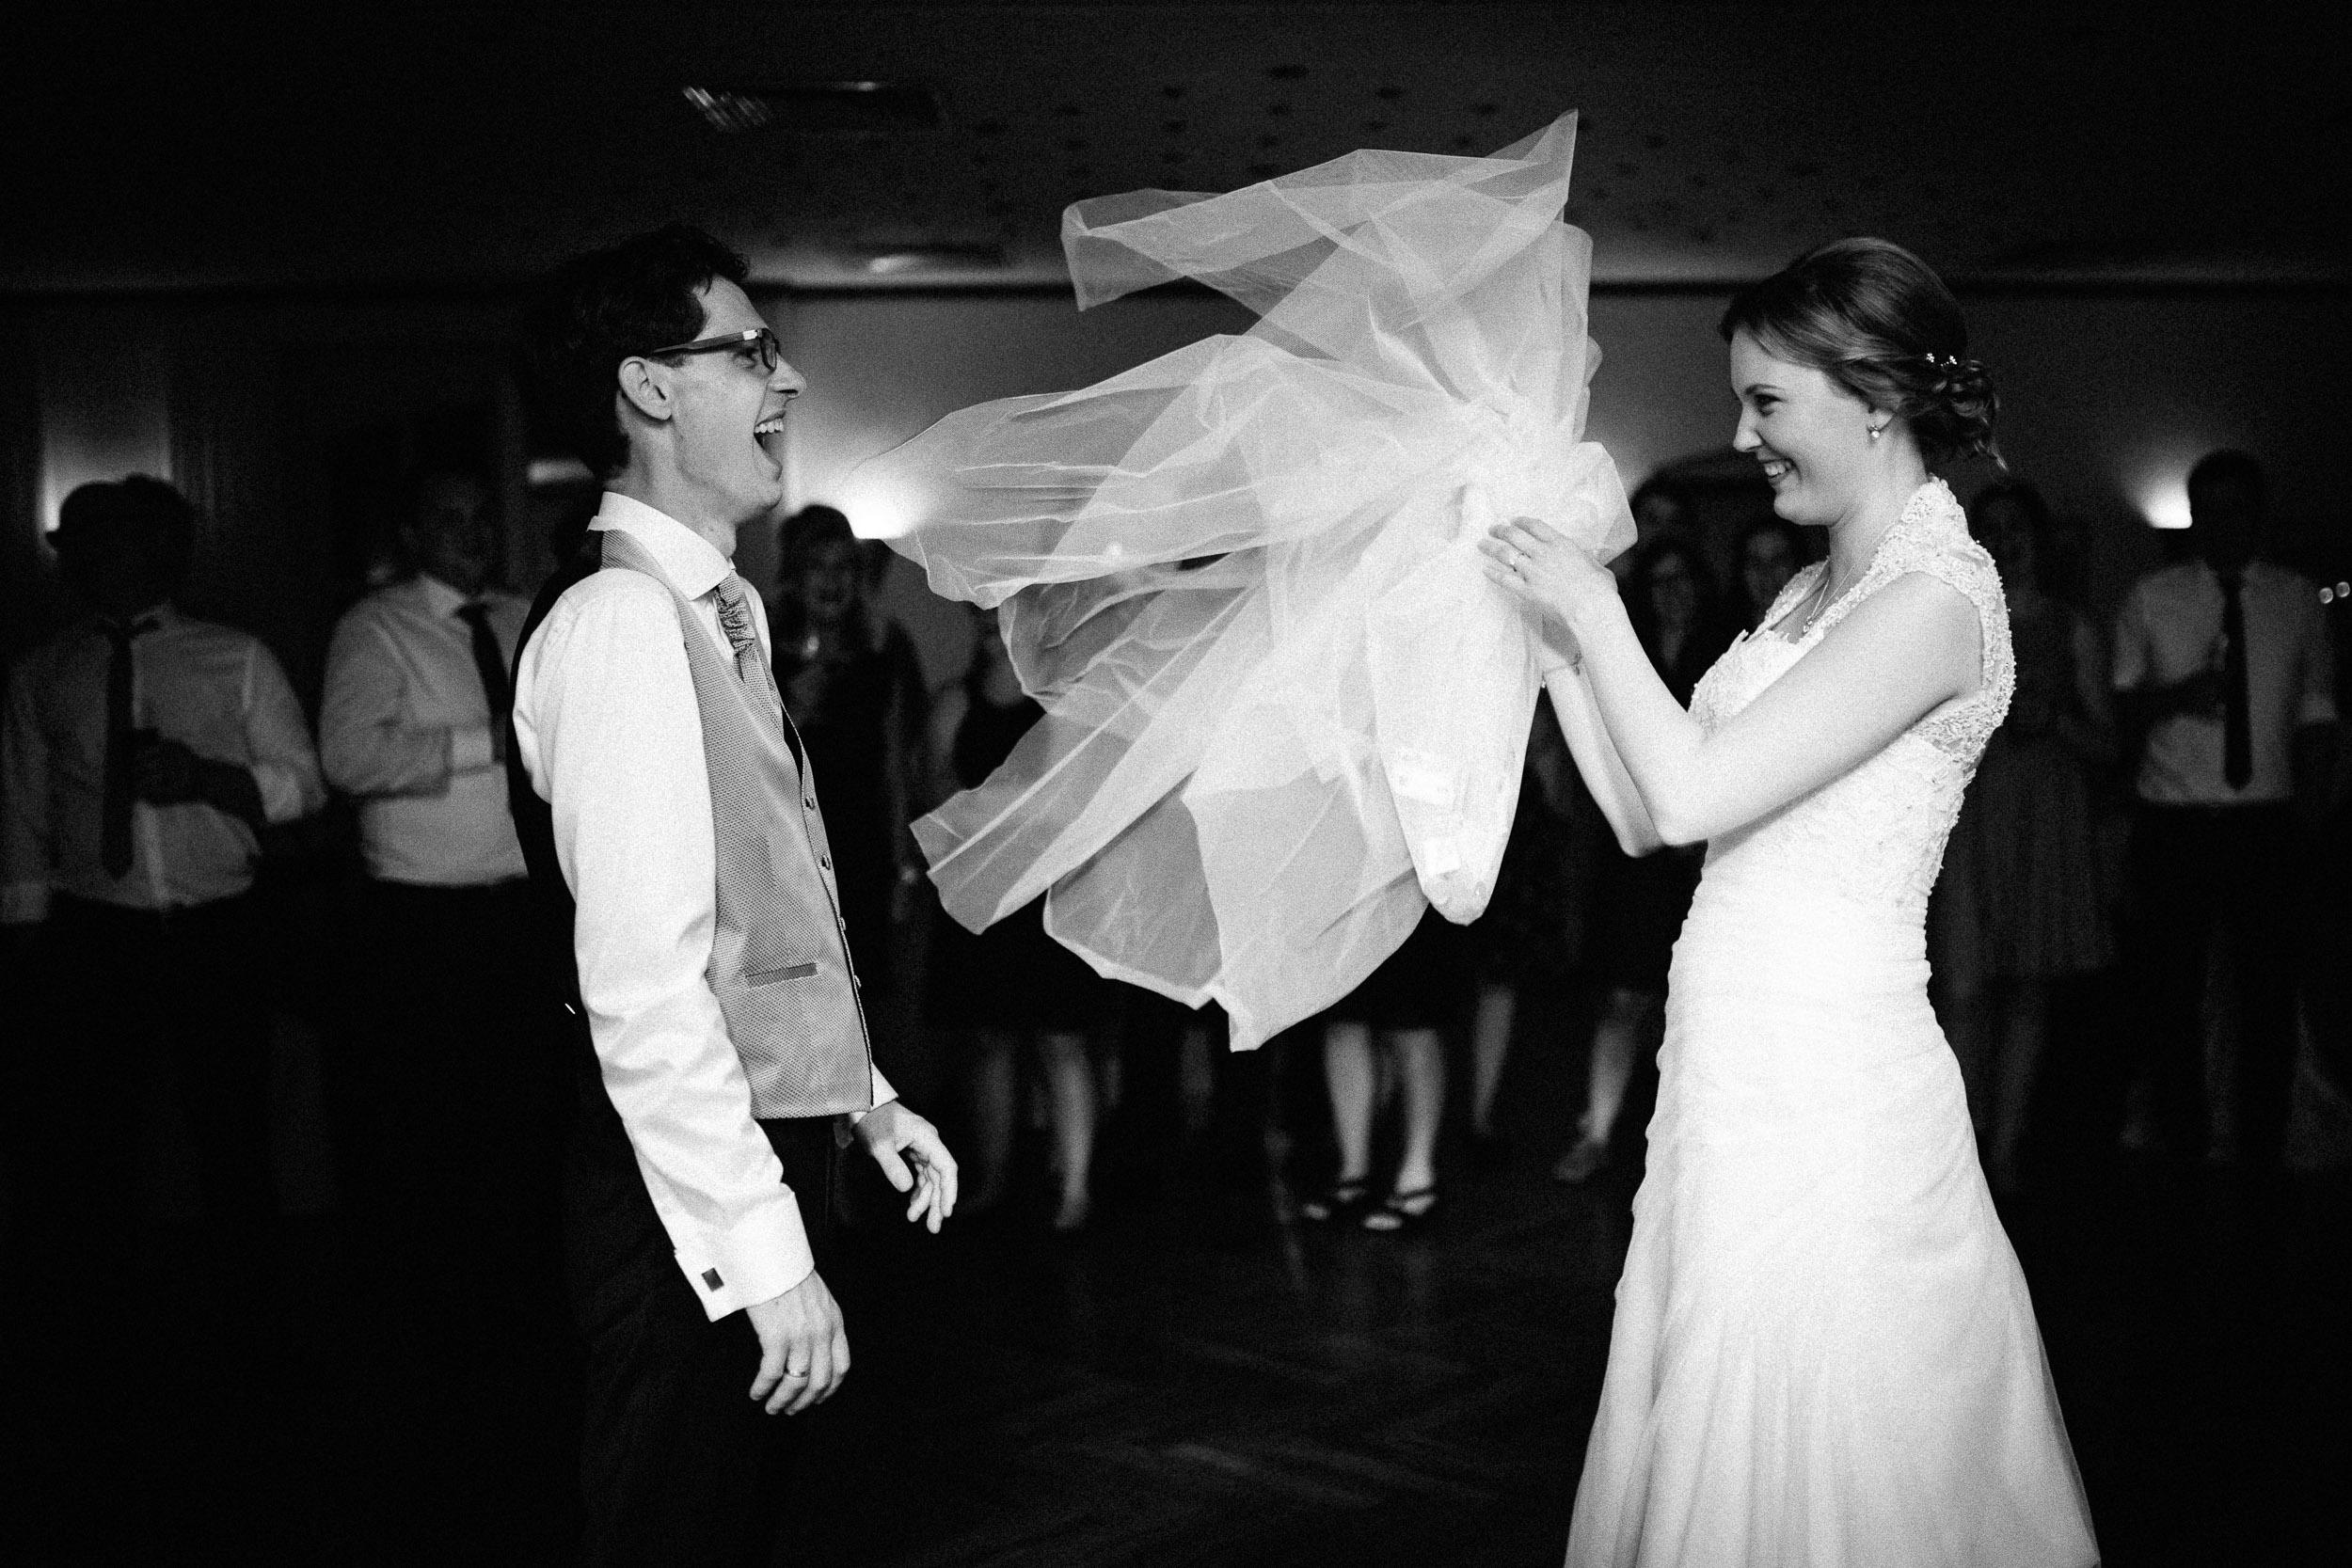 Hochzeitsfotograf Beispiel einer Momentaufnahme